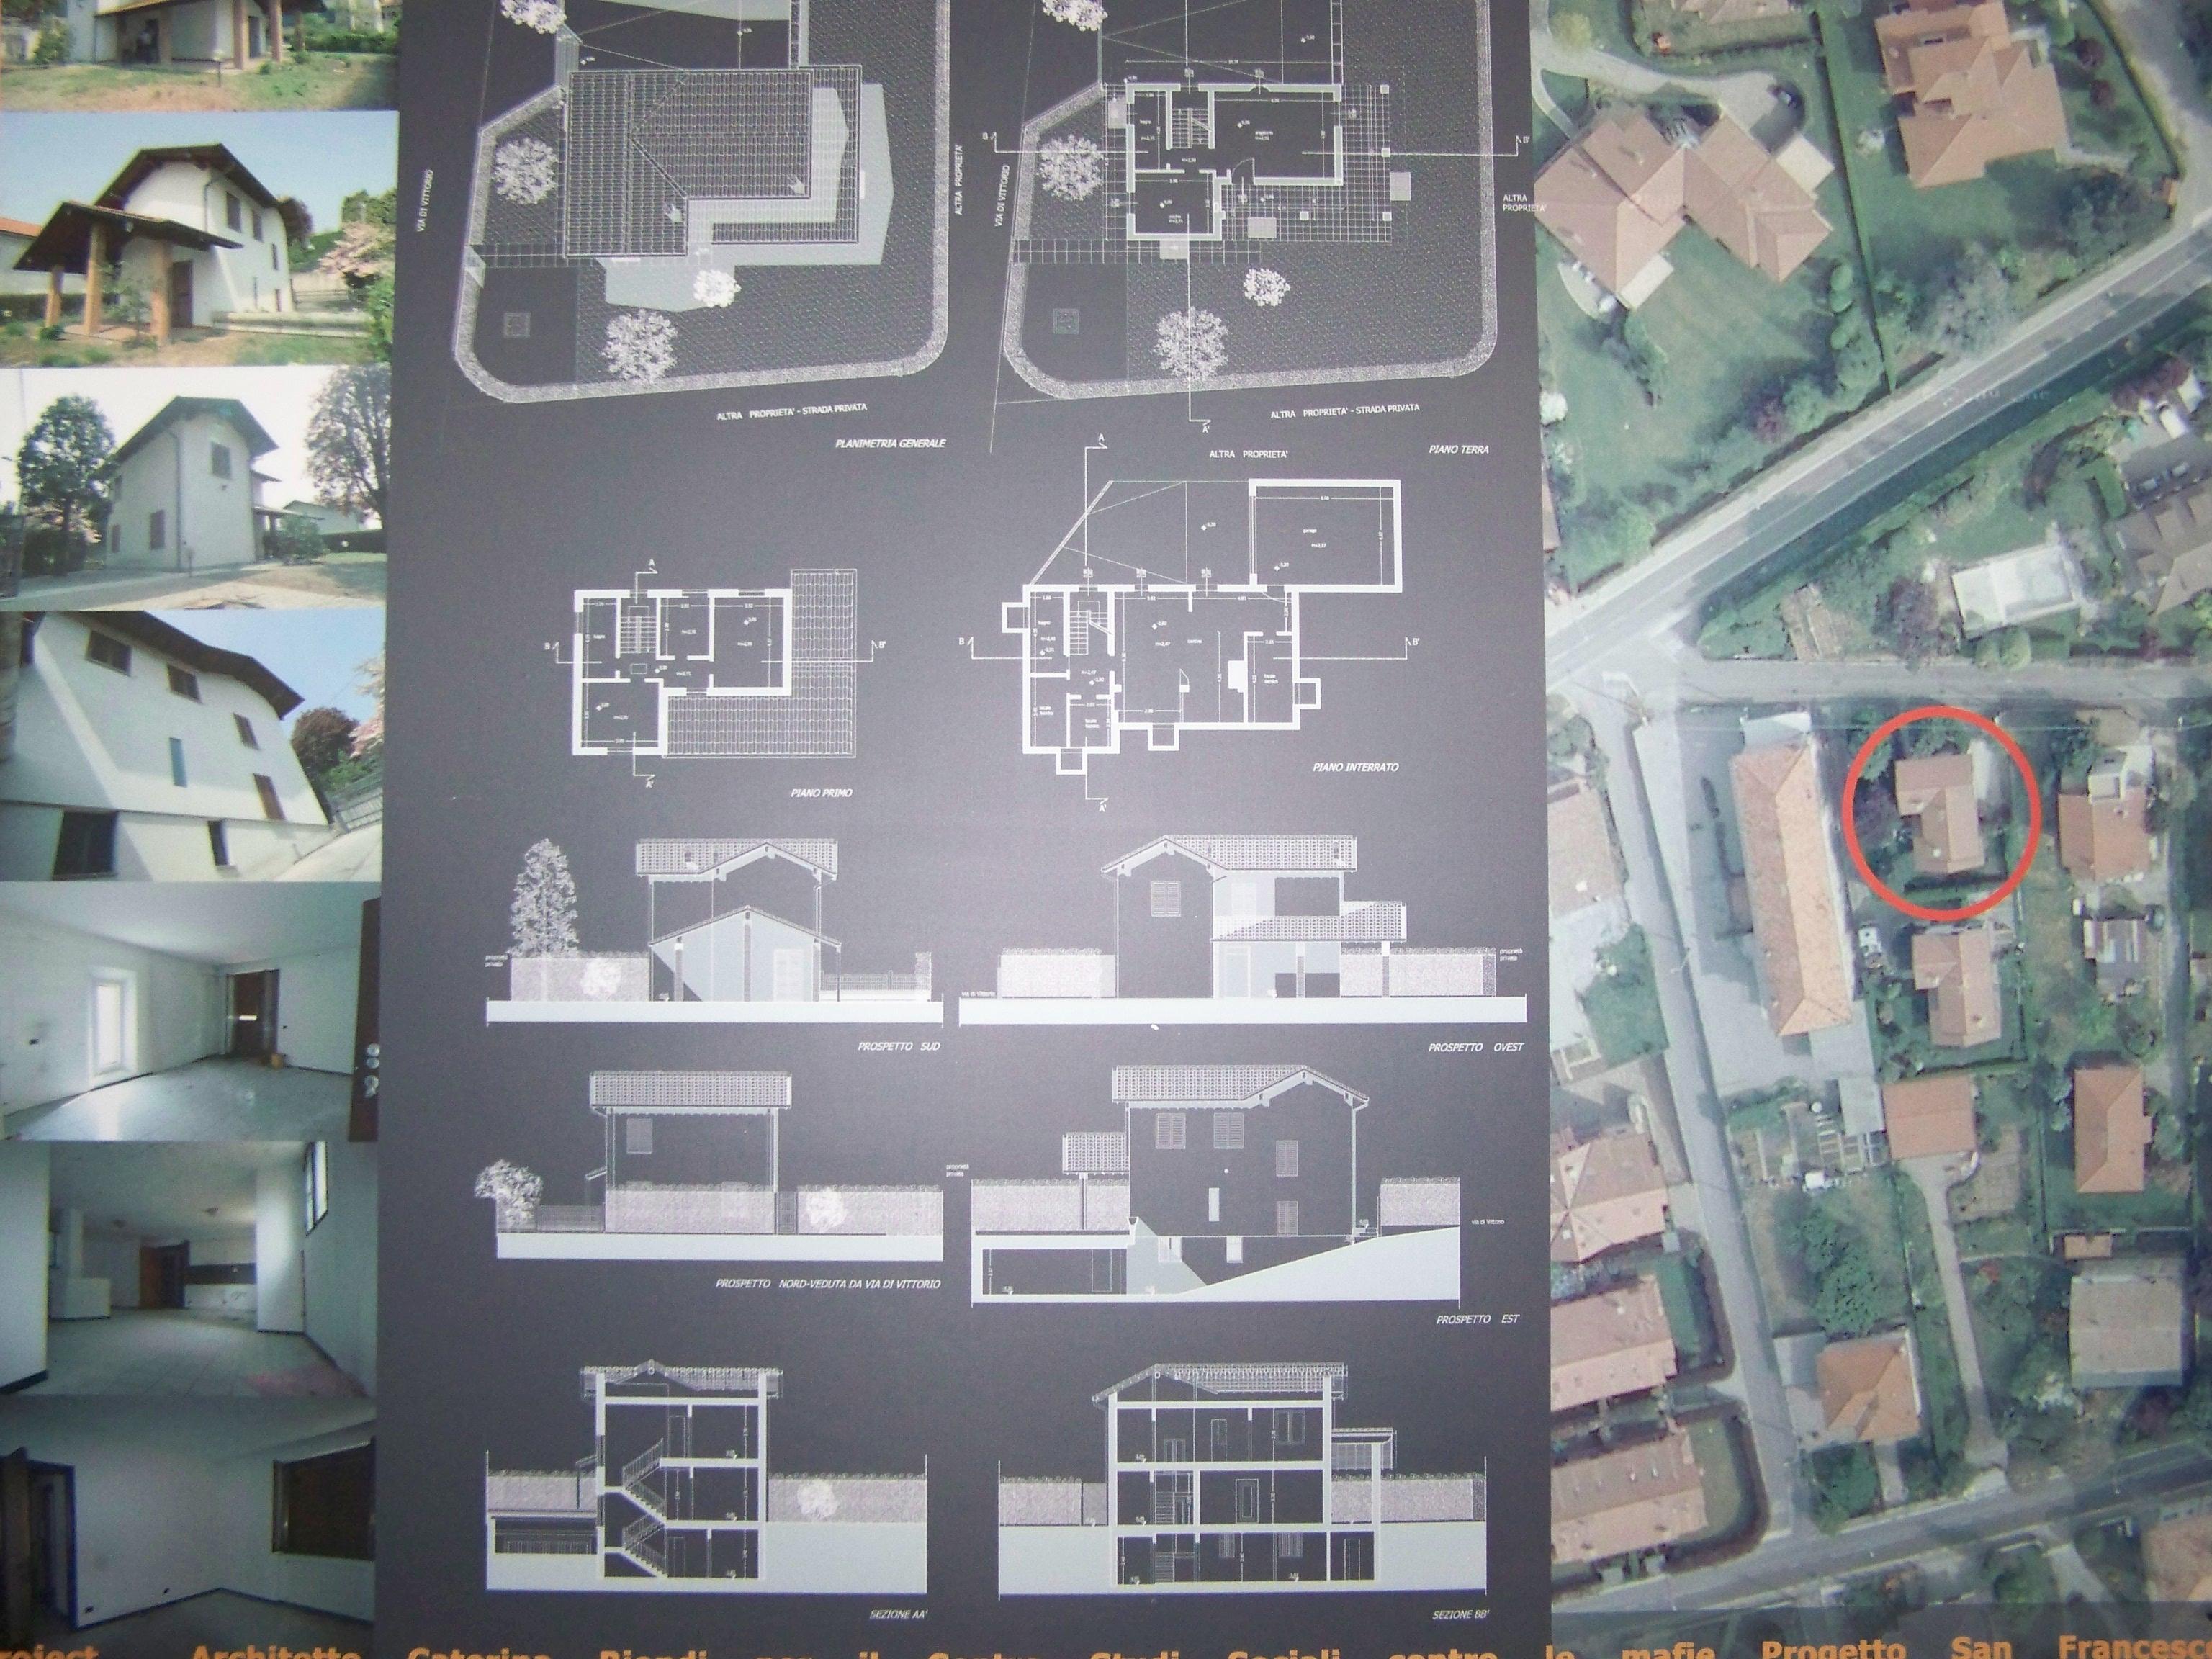 A Cermenate, una nuova sede per il Progetto San Francesco.